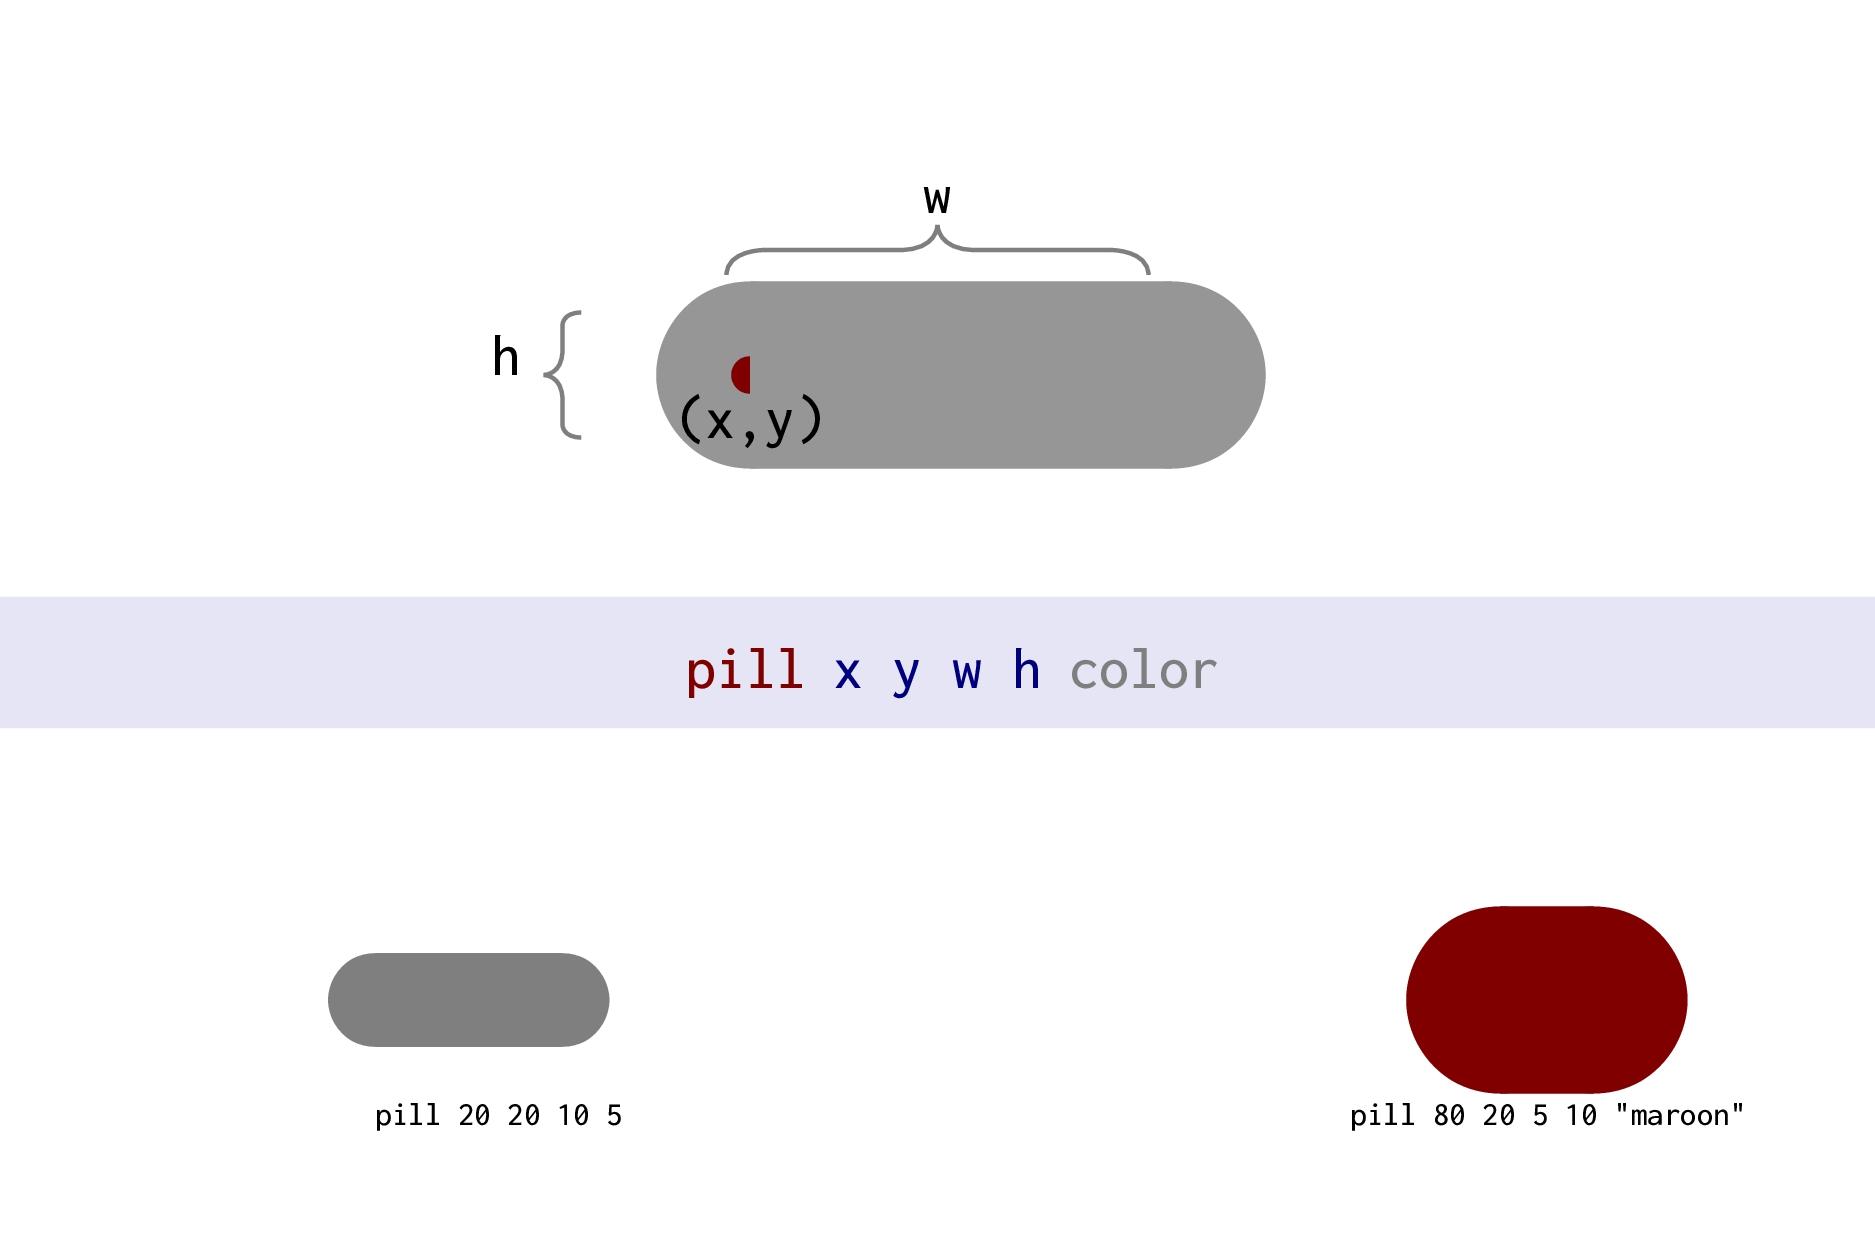 lbrace x y h bw bh [lw] [color] [op] (x,y) bw b...